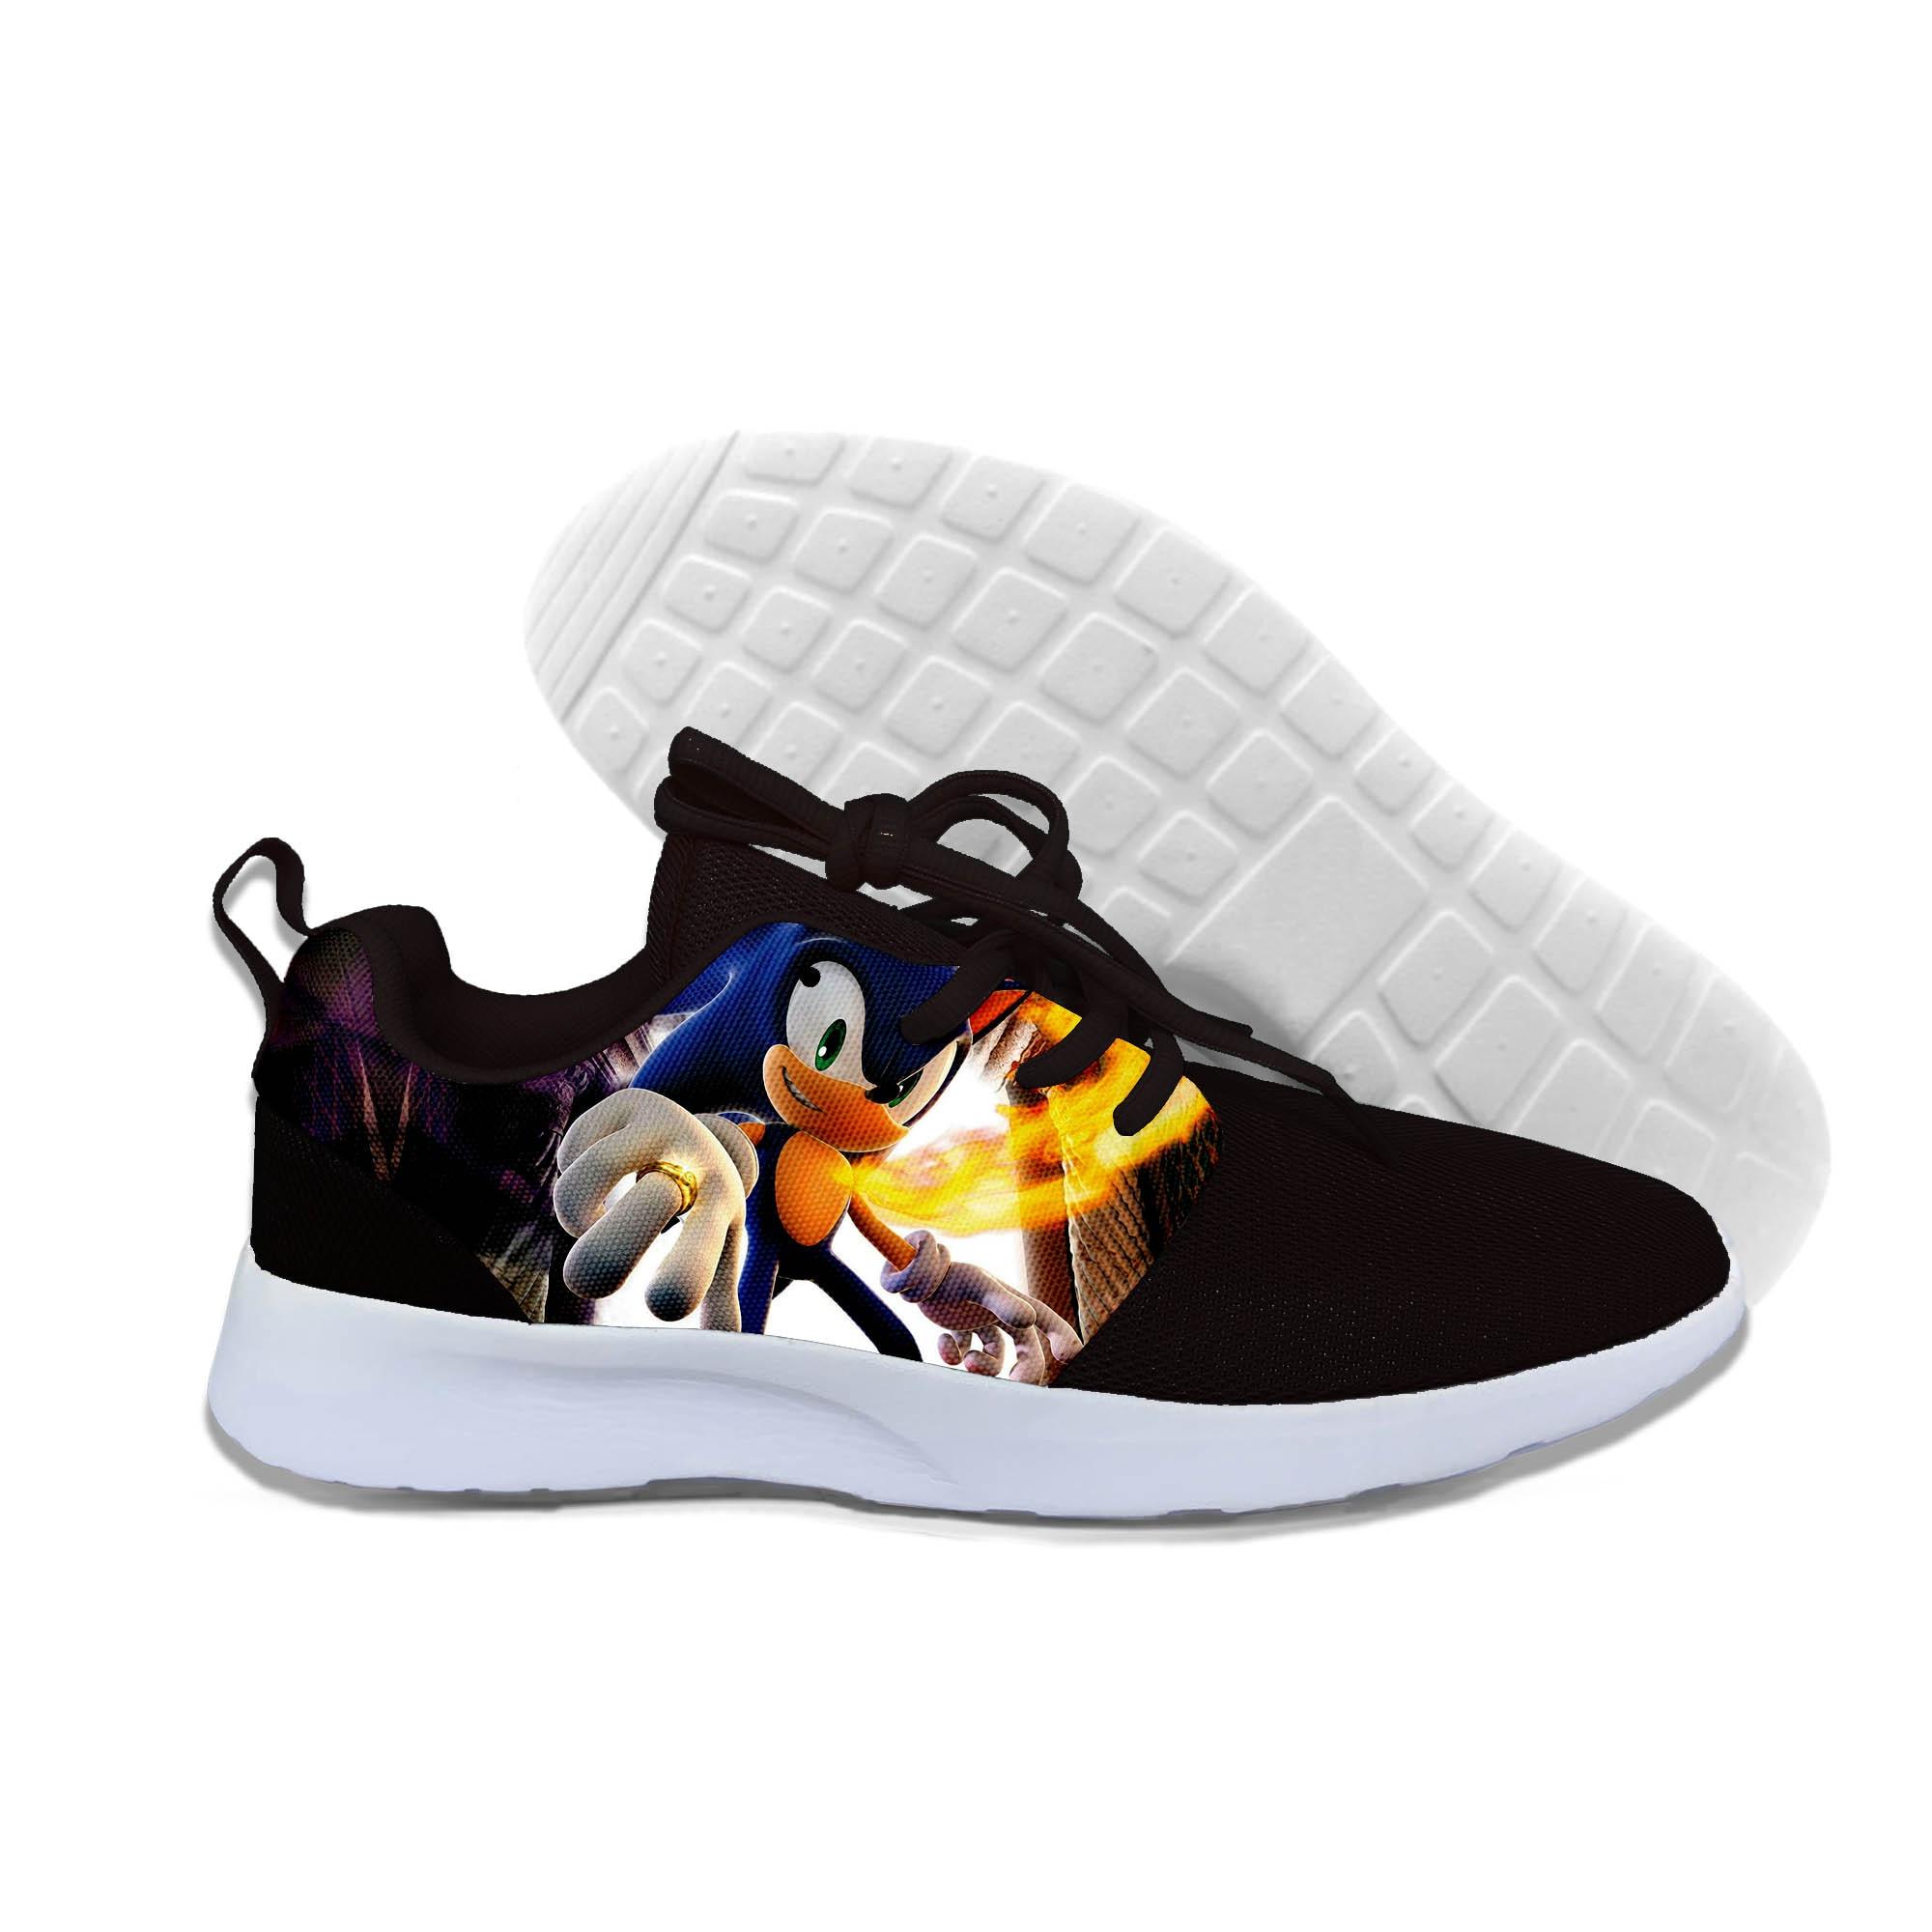 2019 hot fashion Sonic le hérisson 3D chaussures décontractées pour hommes/femmes haute qualité Harajuku impression 3D Sonic les baskets hérisson